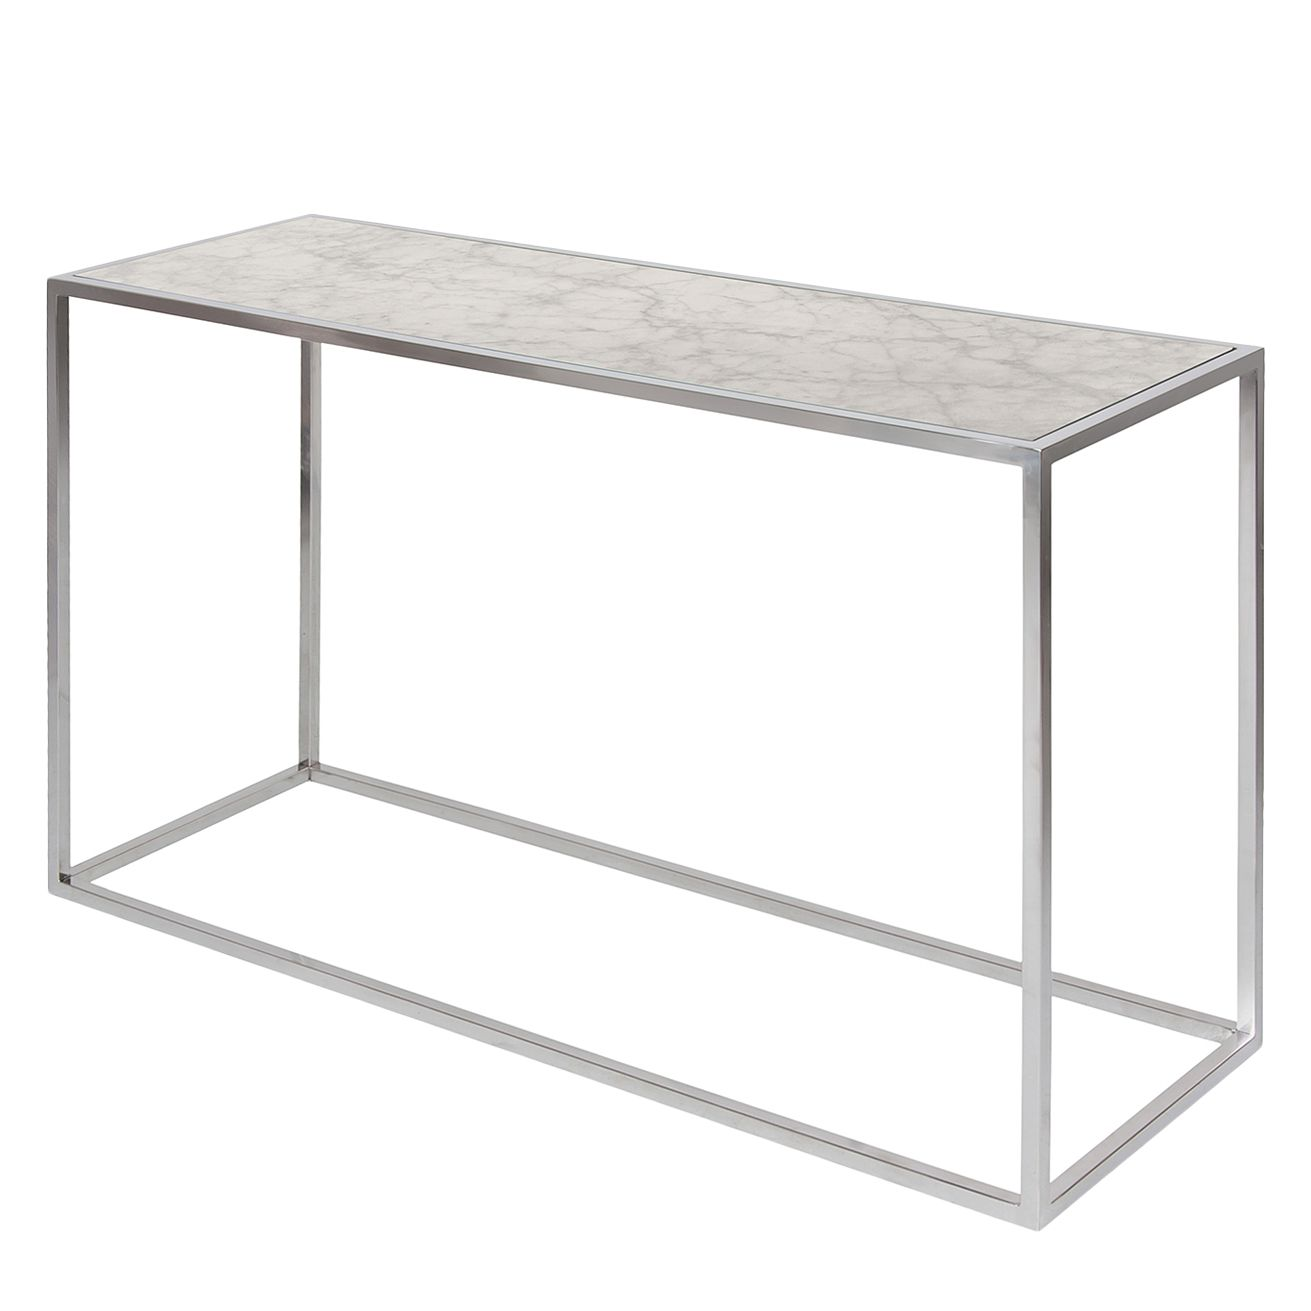 Konsolentisch Jacob - Marmor / Edelstahl - Weiß / Silber, Studio Copenhagen